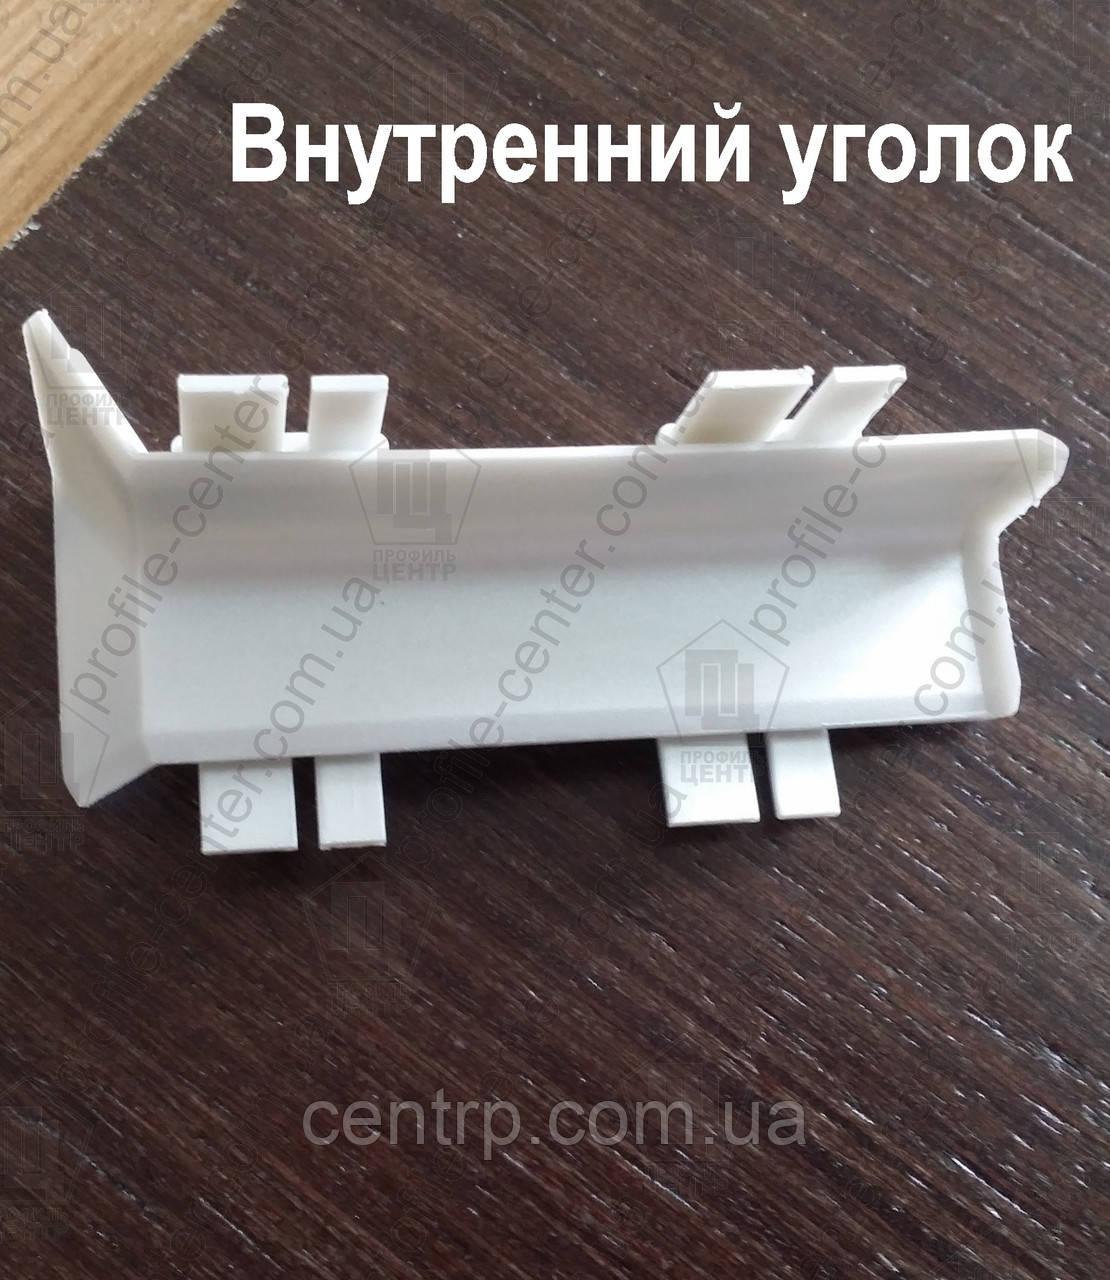 Внутренний уголок (полипропиленовый) для плинтуса Profilpas Metal Line 95/